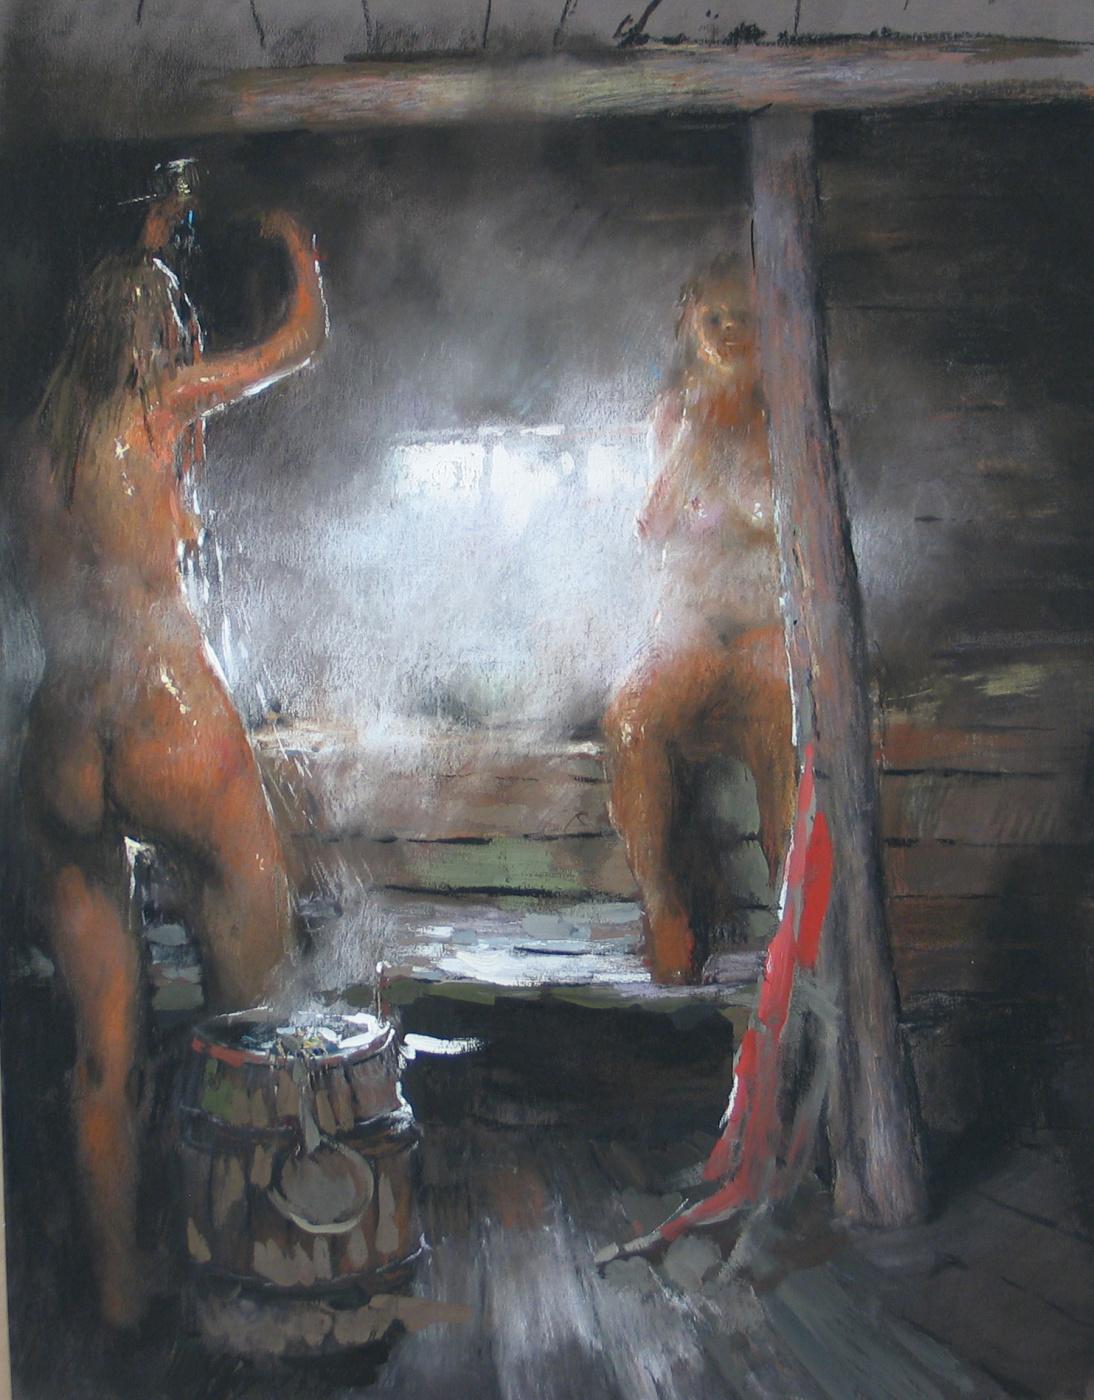 денис в женской бане дрочит лизал